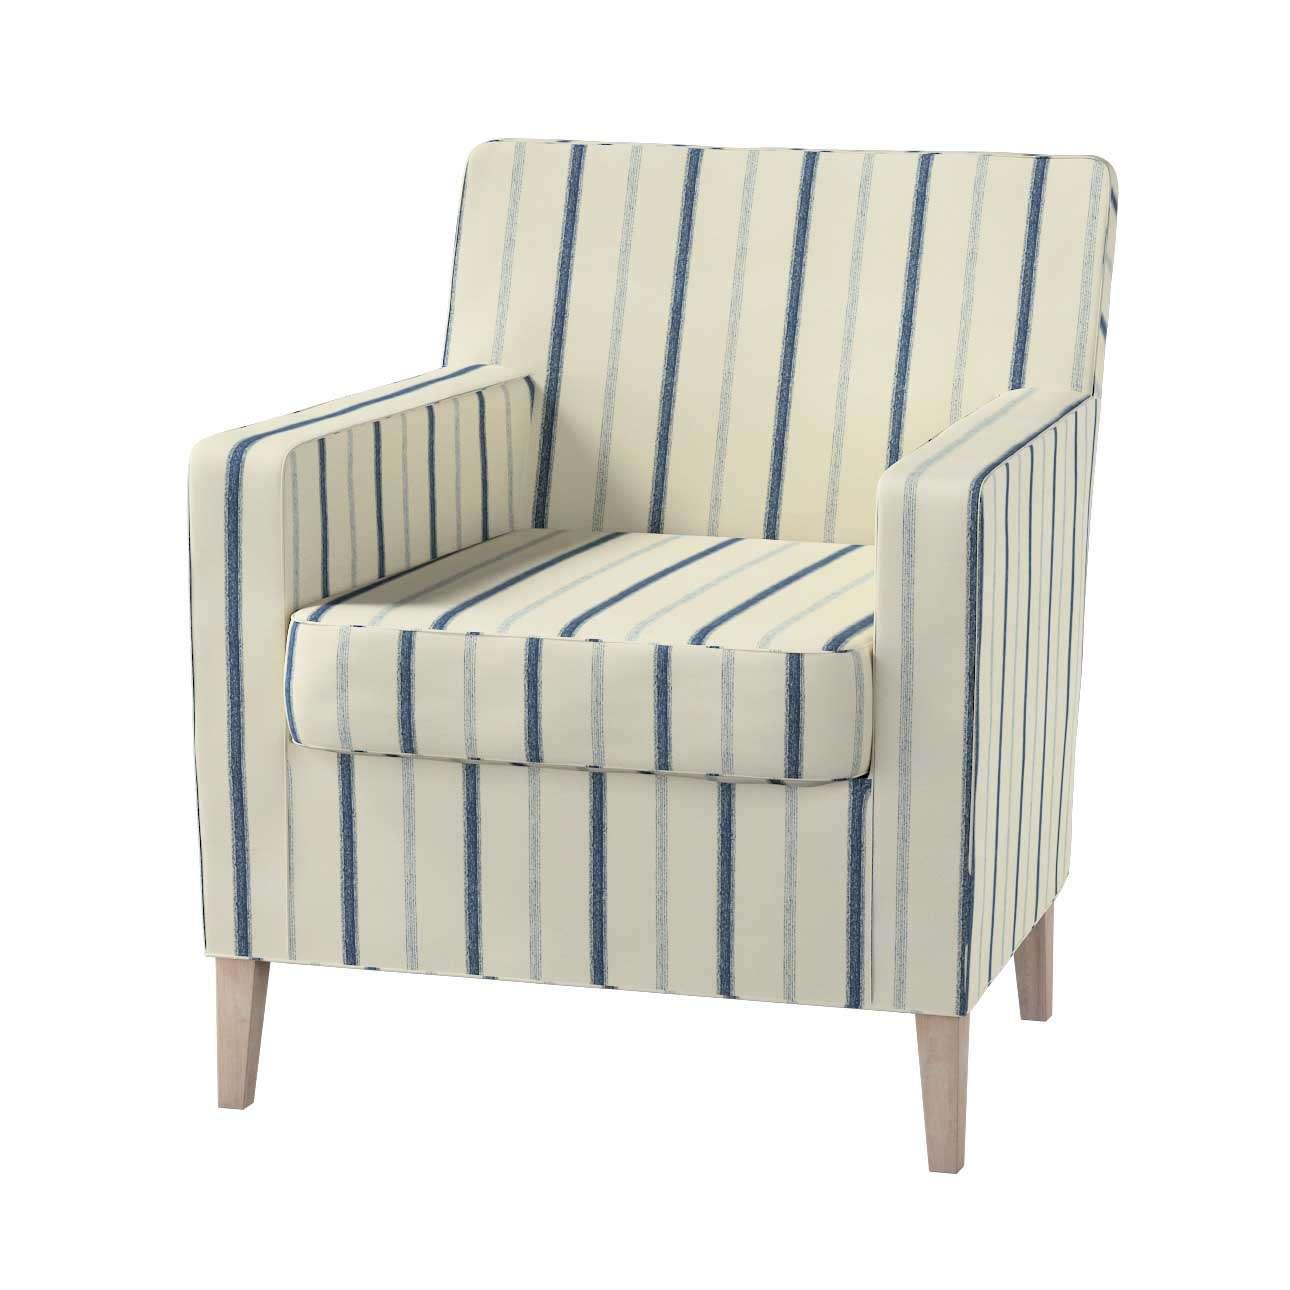 Pokrowiec na fotel Karlstad w kolekcji Avinon, tkanina: 129-66